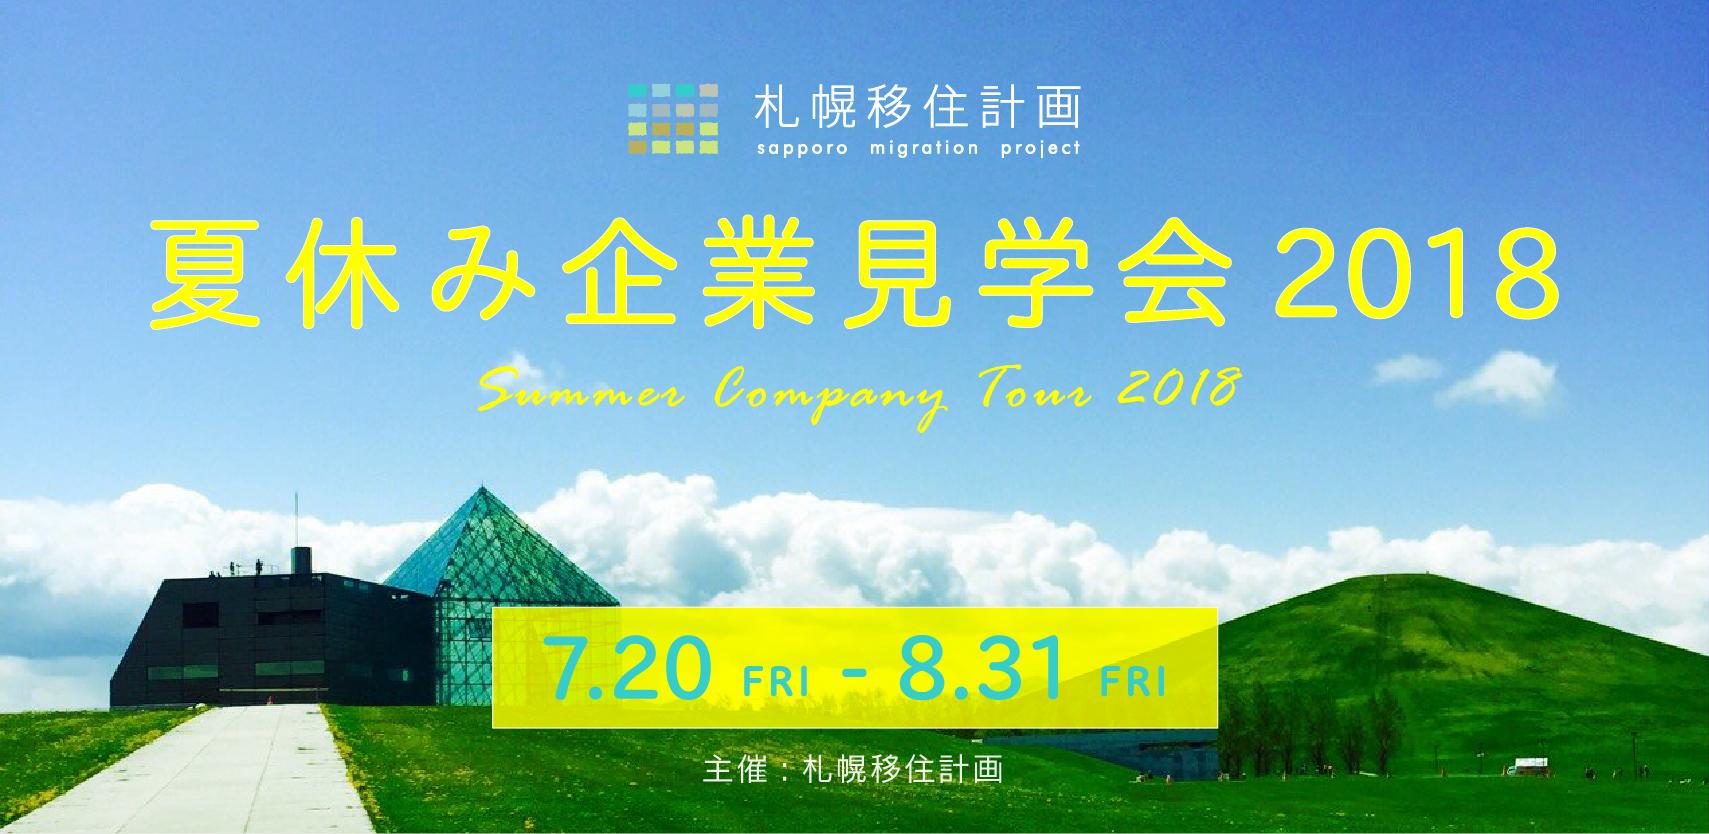 帰省に合わせて企業見学!札幌移住計画がUターン者を対象とした「夏休み企業見学会 2018」が開始!